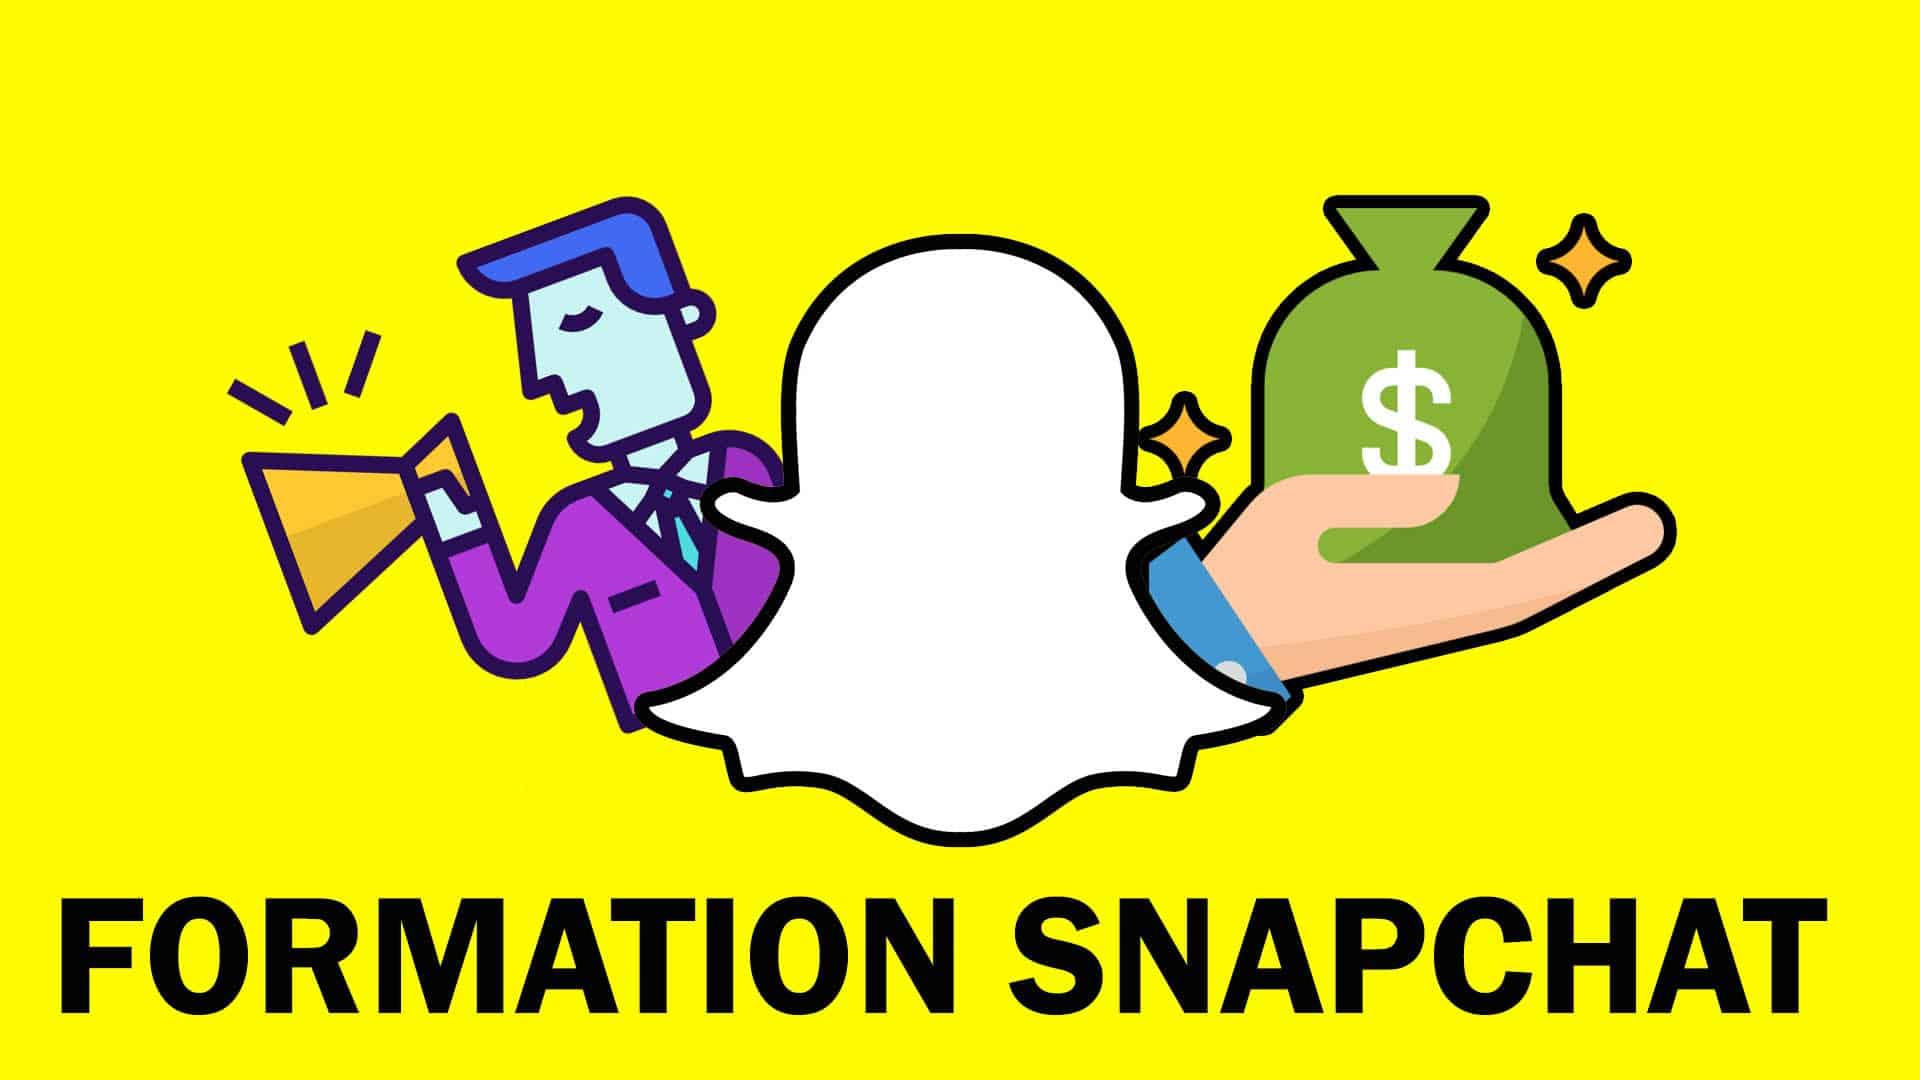 On retrouve le fond jaune de snapchat avec le logo, on voit une image d'une formation snapchat en ligne presque gratuite qui permet d'apprendre à utiliser snapchat ads.